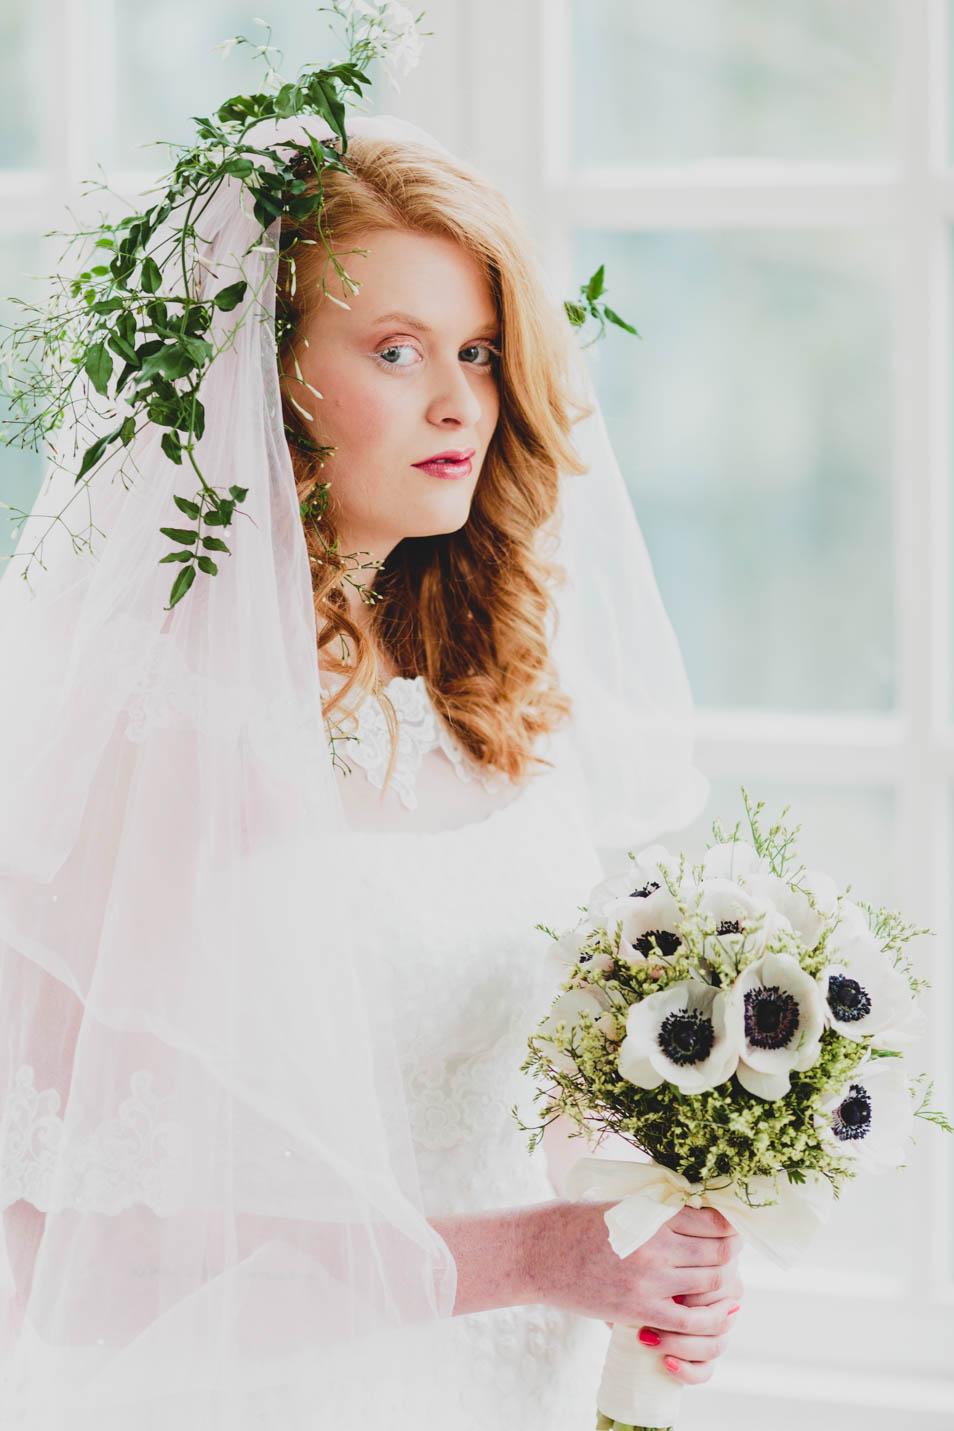 Braut mit Schleier und Blumenschmuck